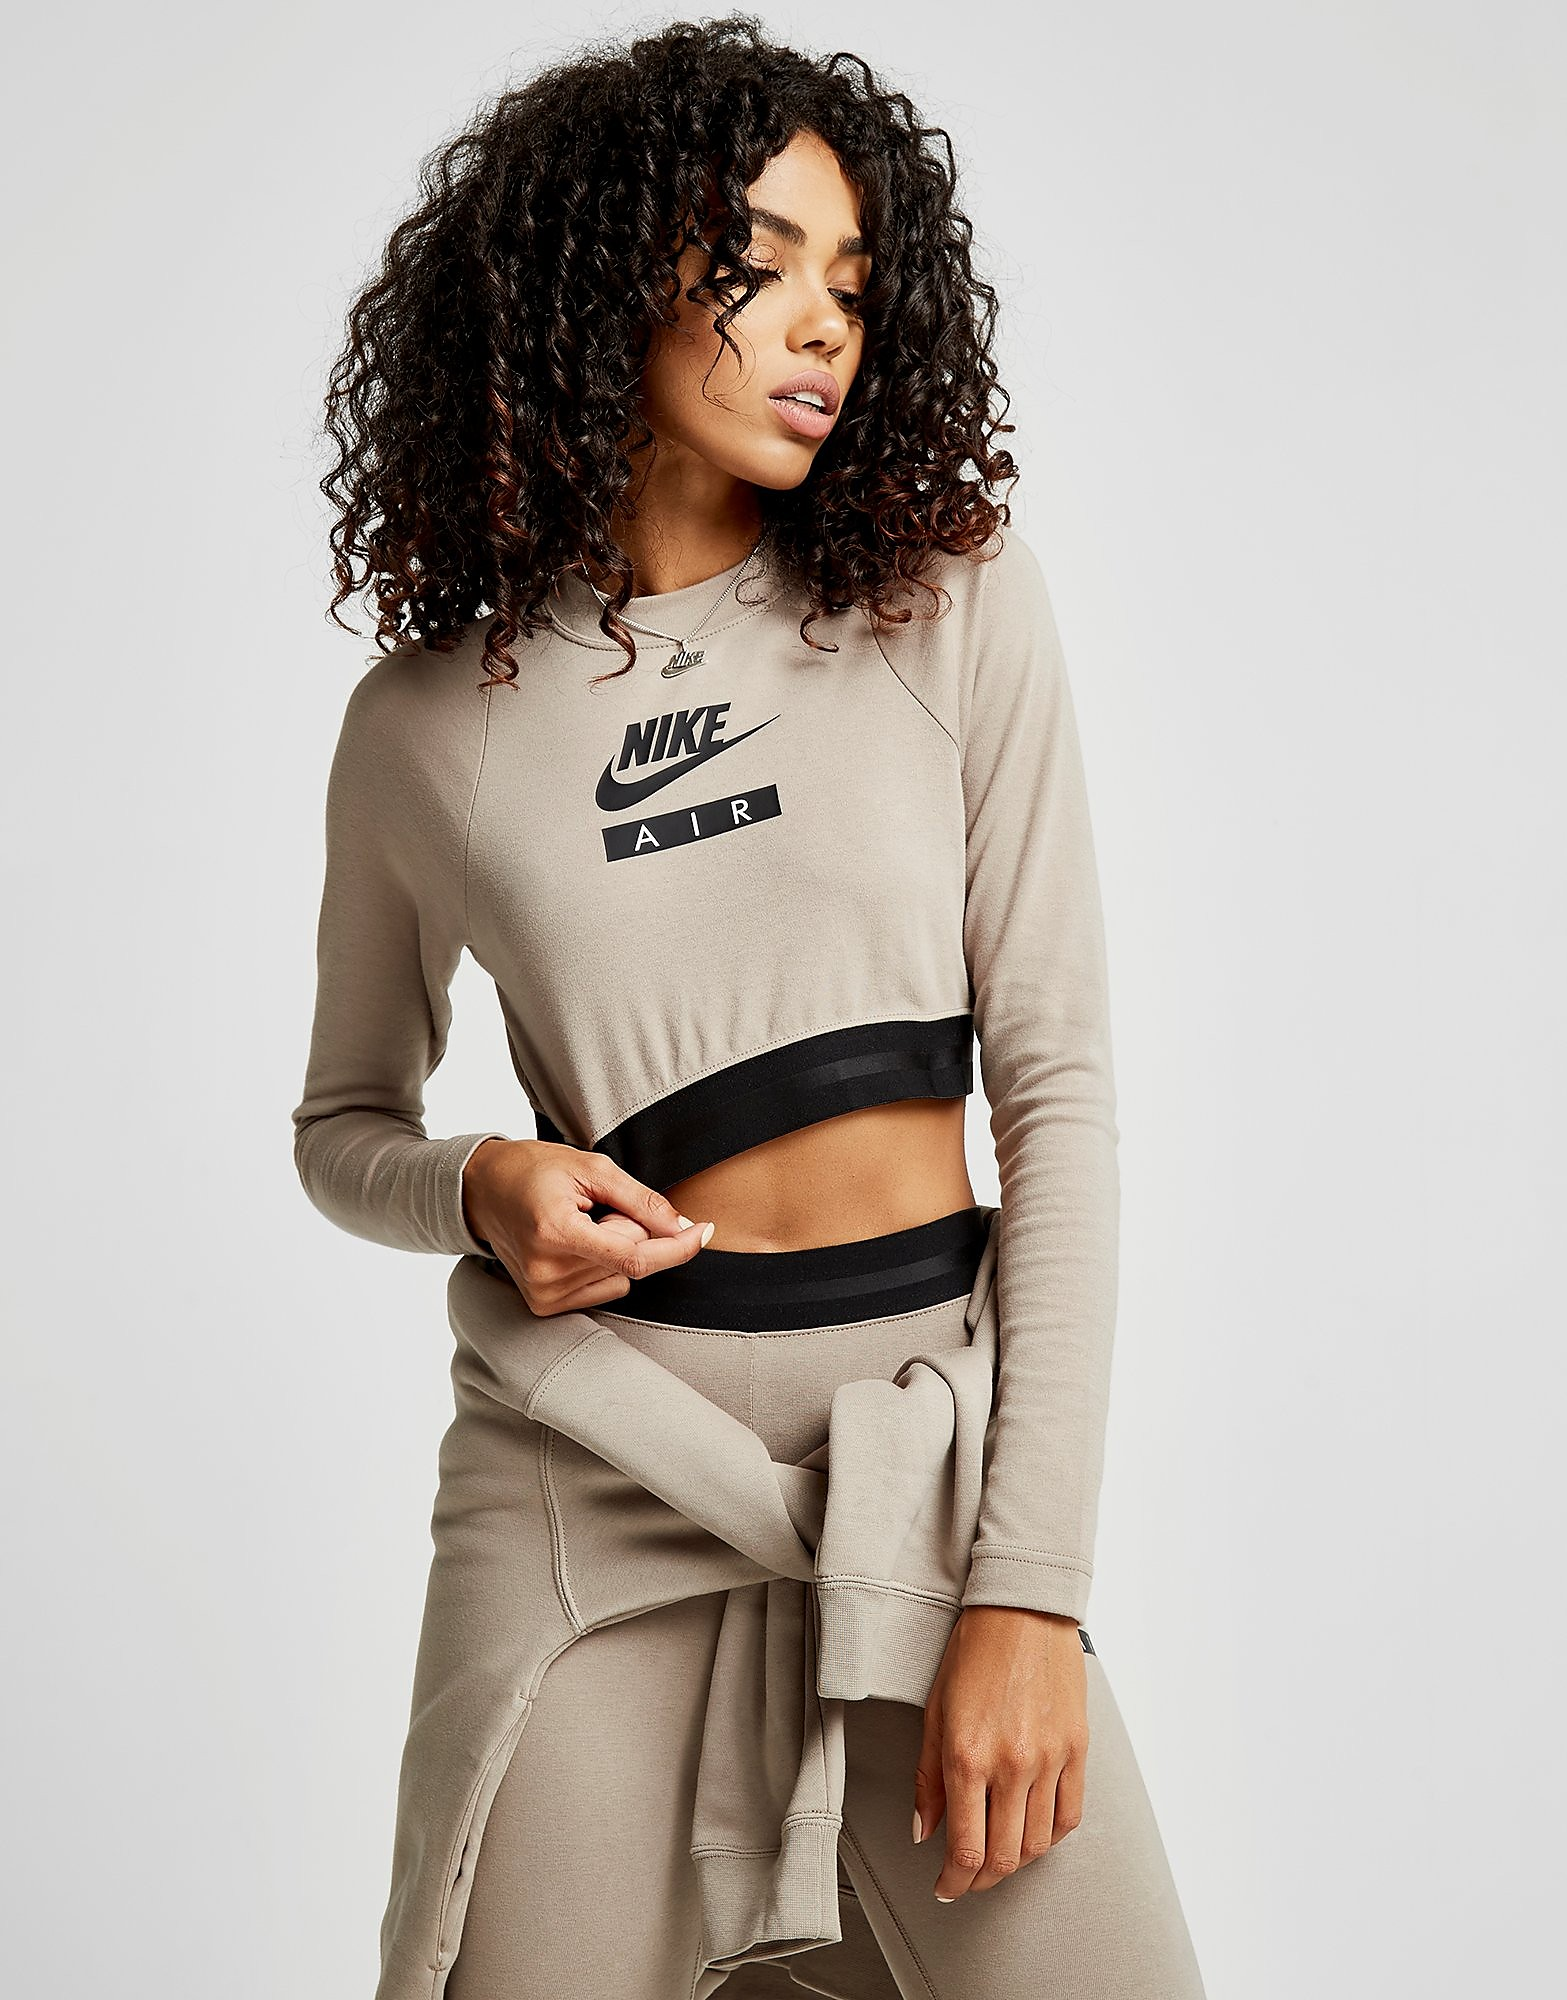 Nike T-shirt coupe-courte à manches longues Air Femme